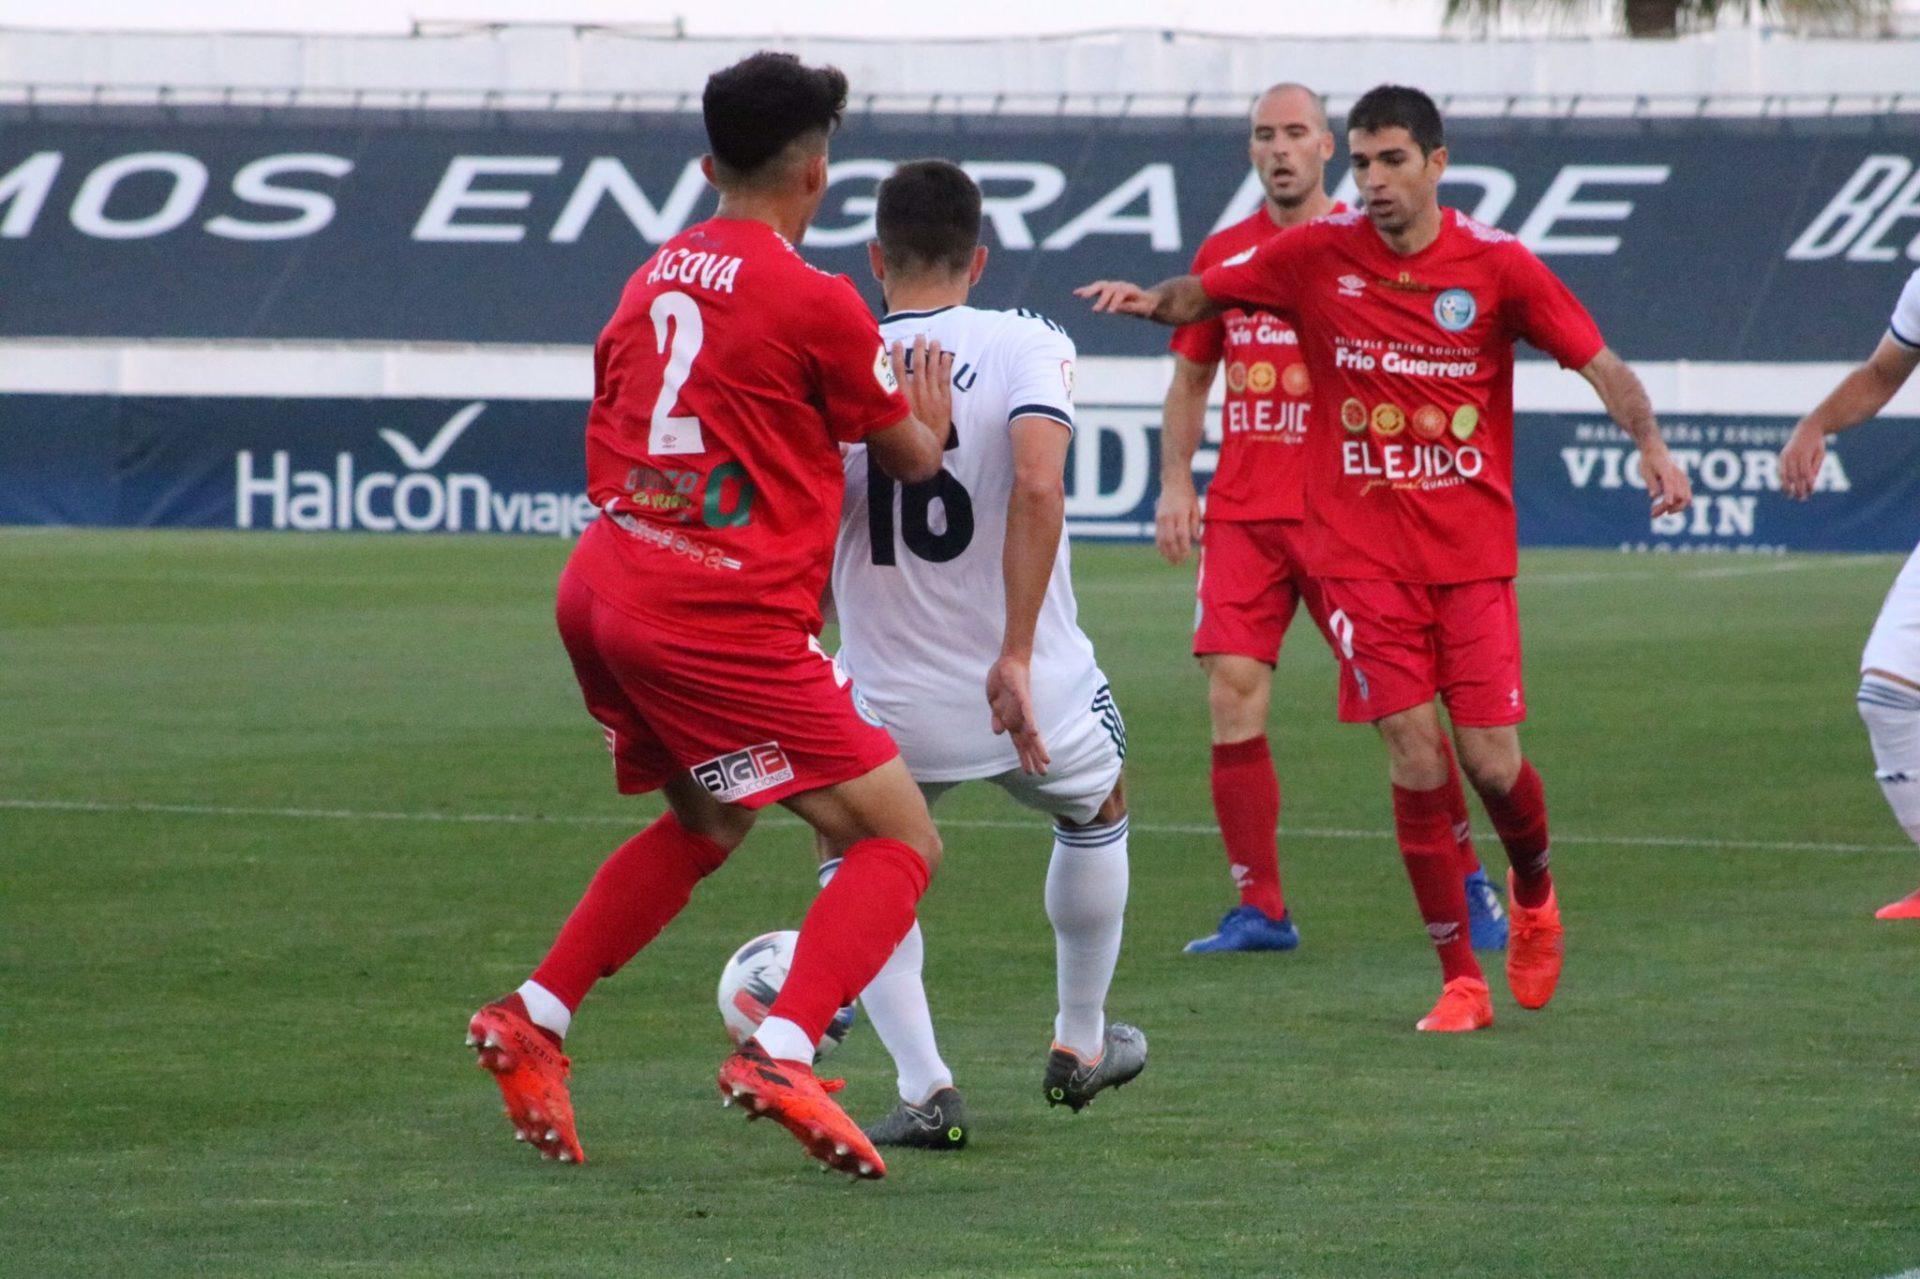 Marbella FC vs CD El Ejido 2012 1